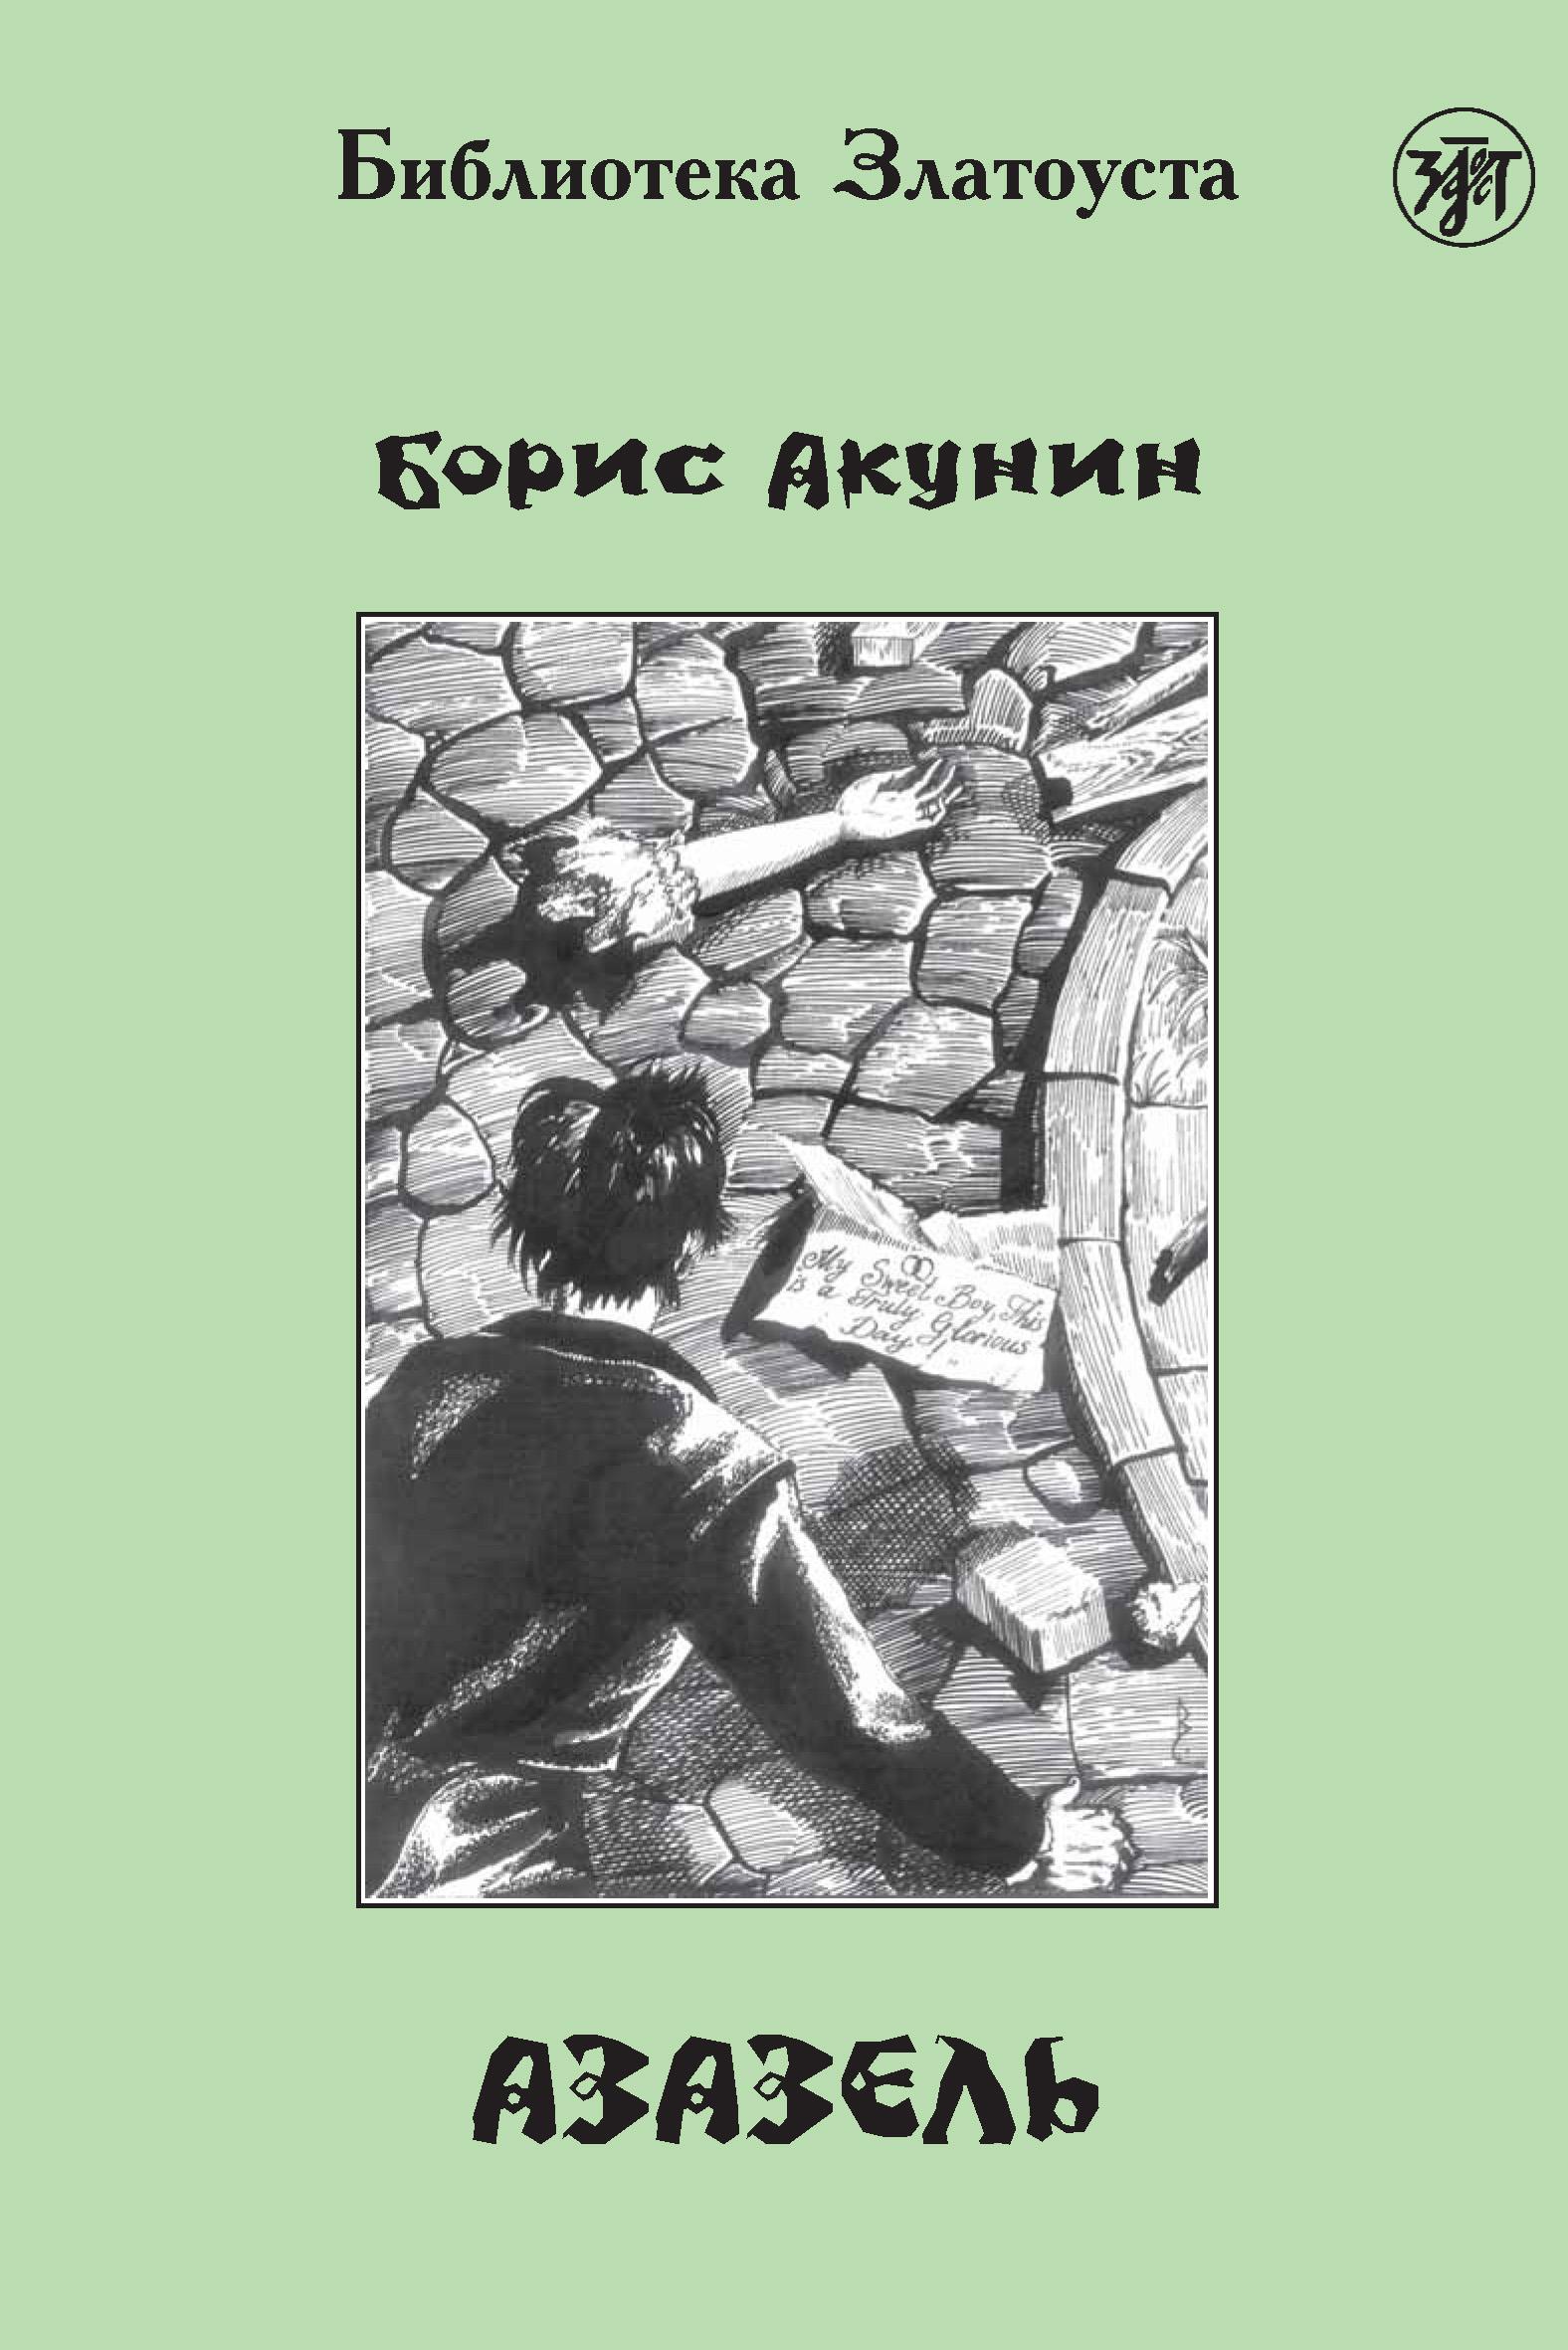 Борис Акунин Азазель (адаптированный текст)